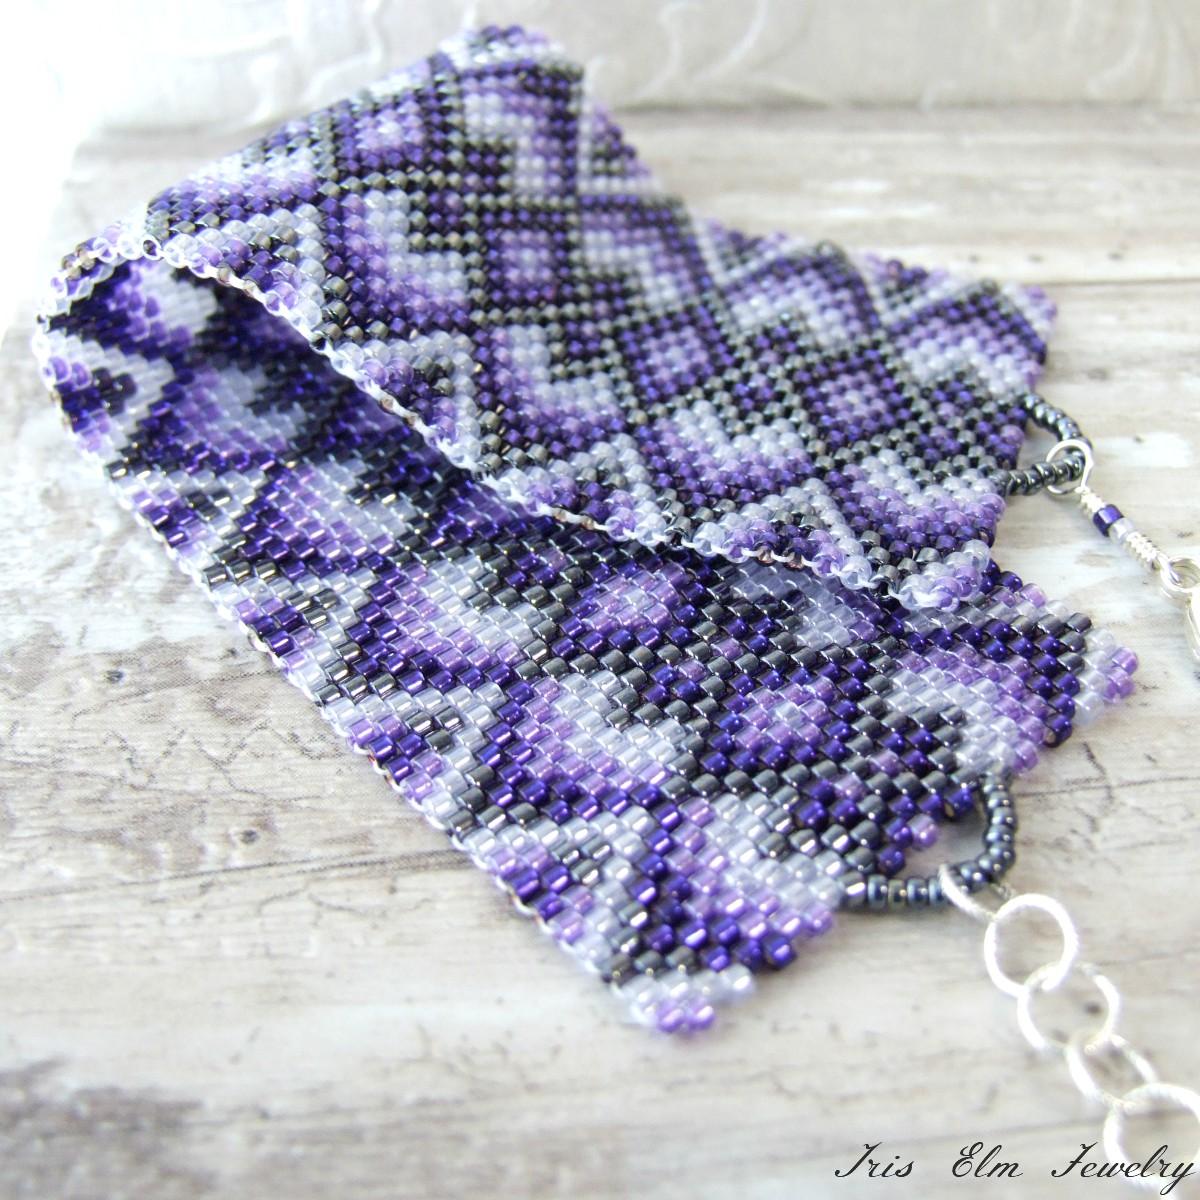 Boho Purple Woven Seed Bead Cuff Bracelet